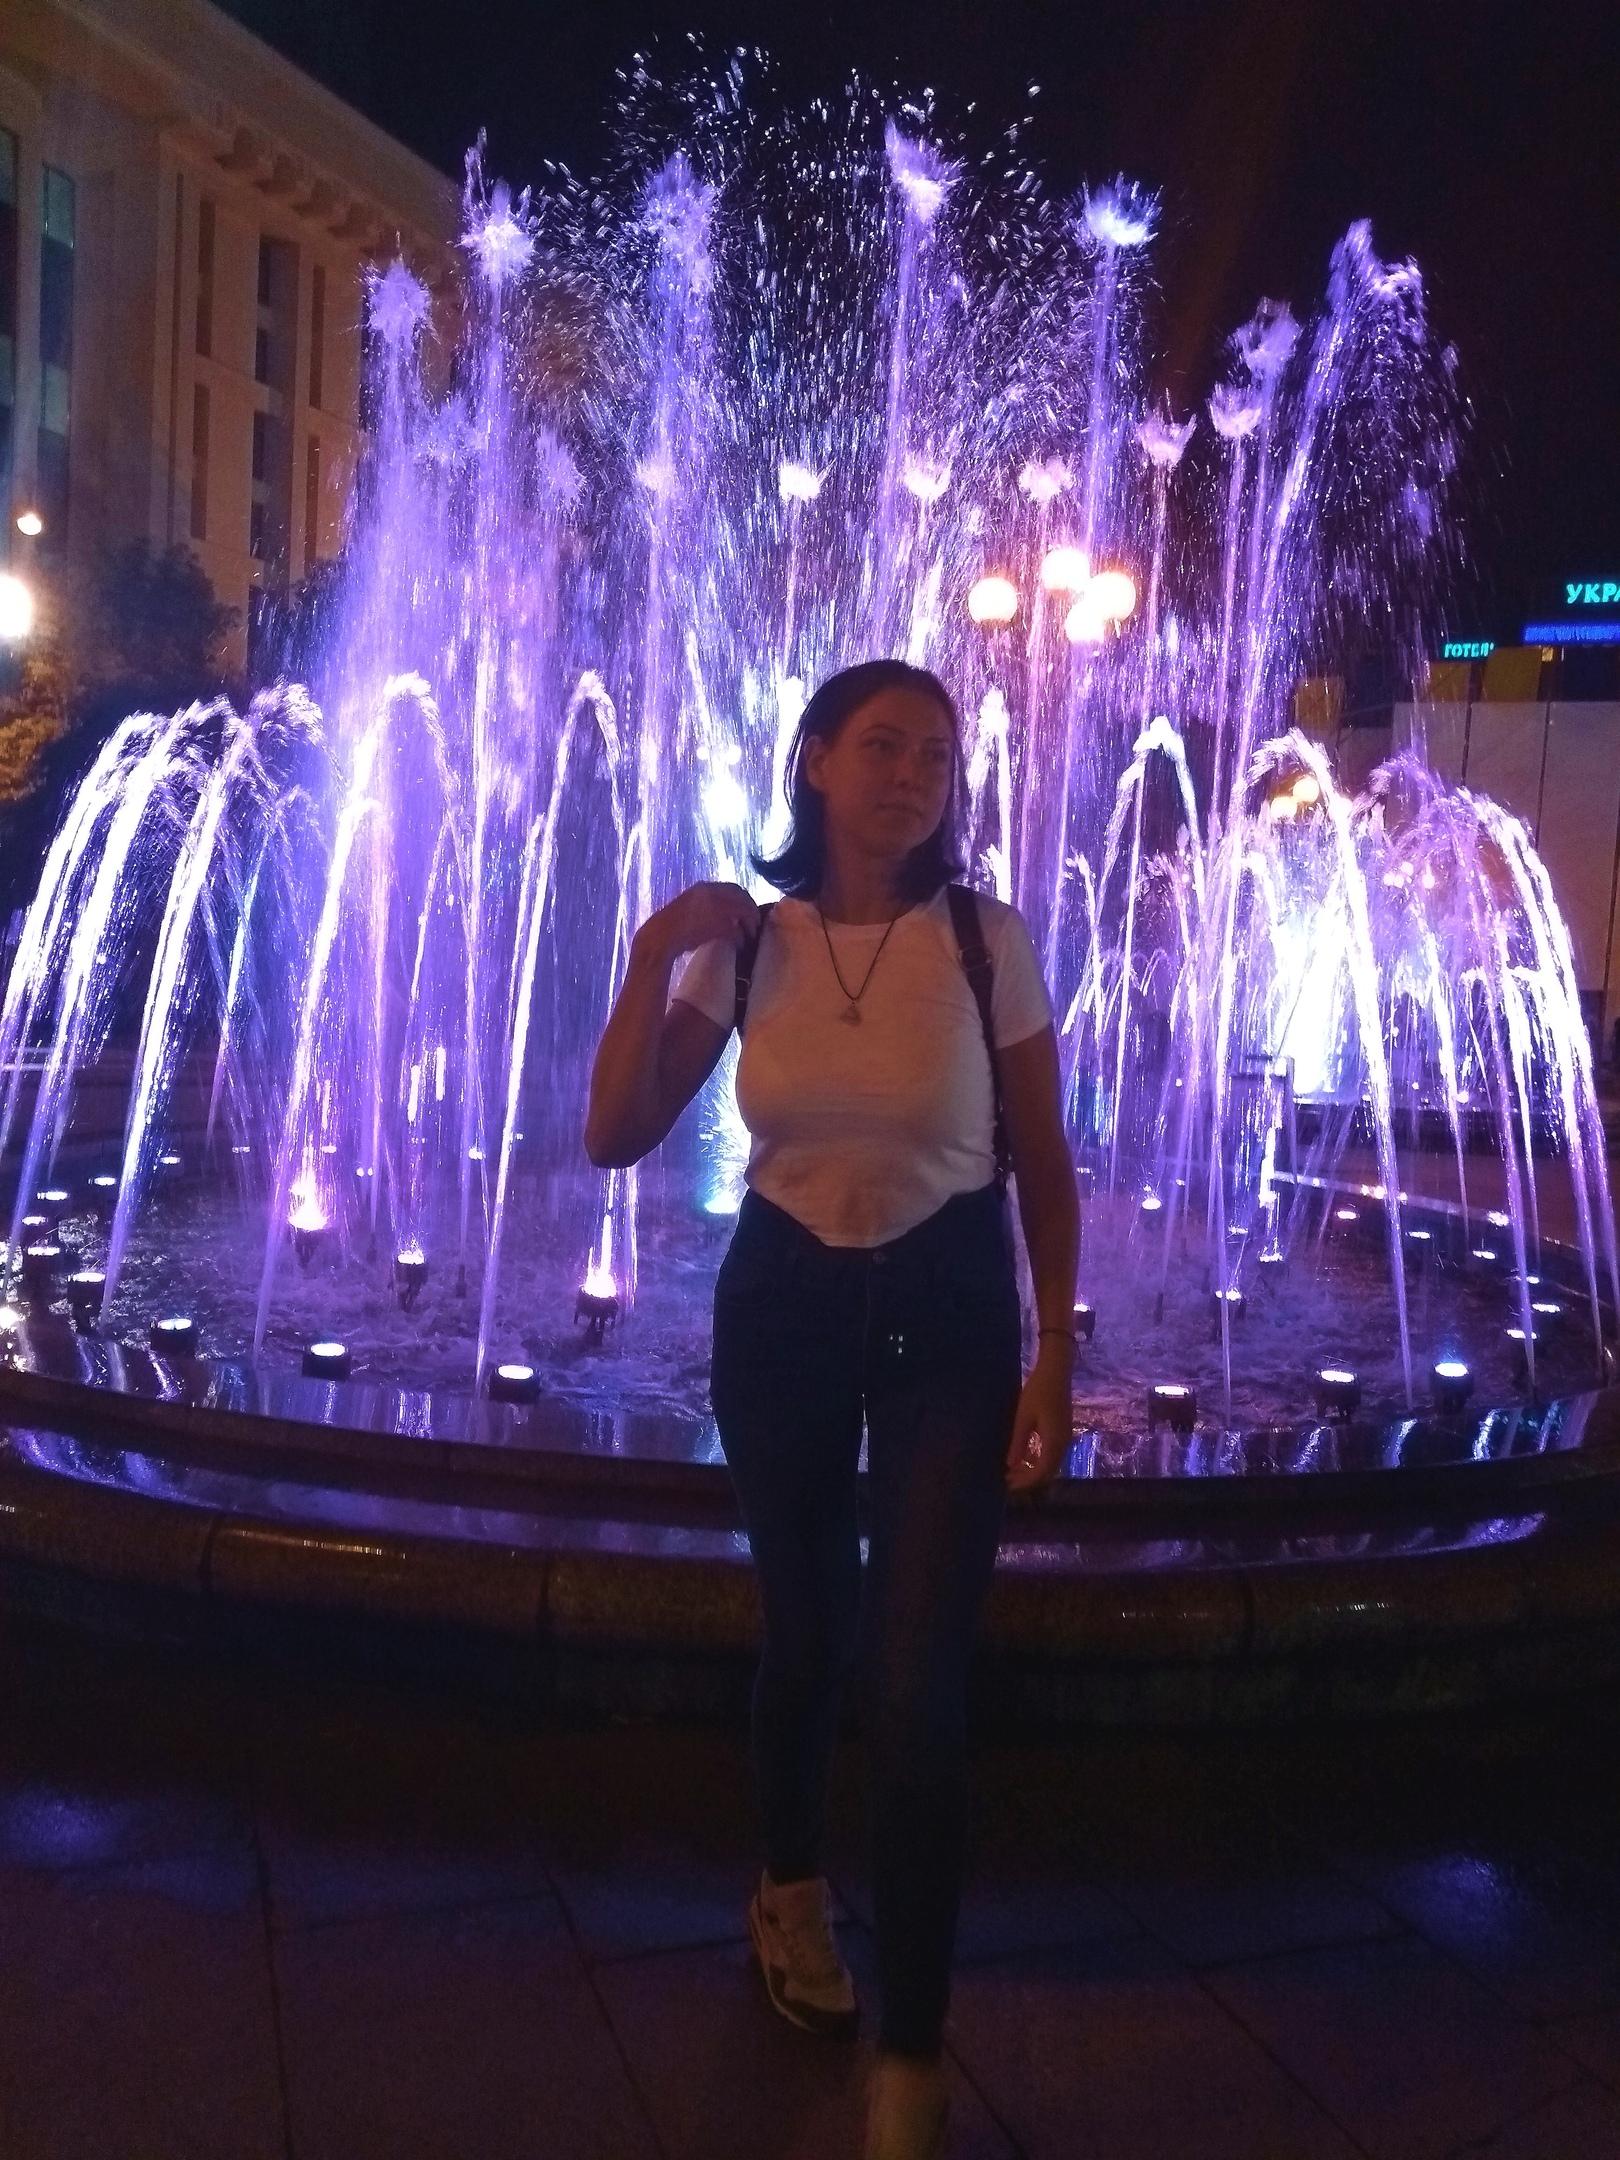 Елена Руденко (Валтея). Украина. Киев. Фото и описание.  - Страница 2 ZWeXYRS8dMs